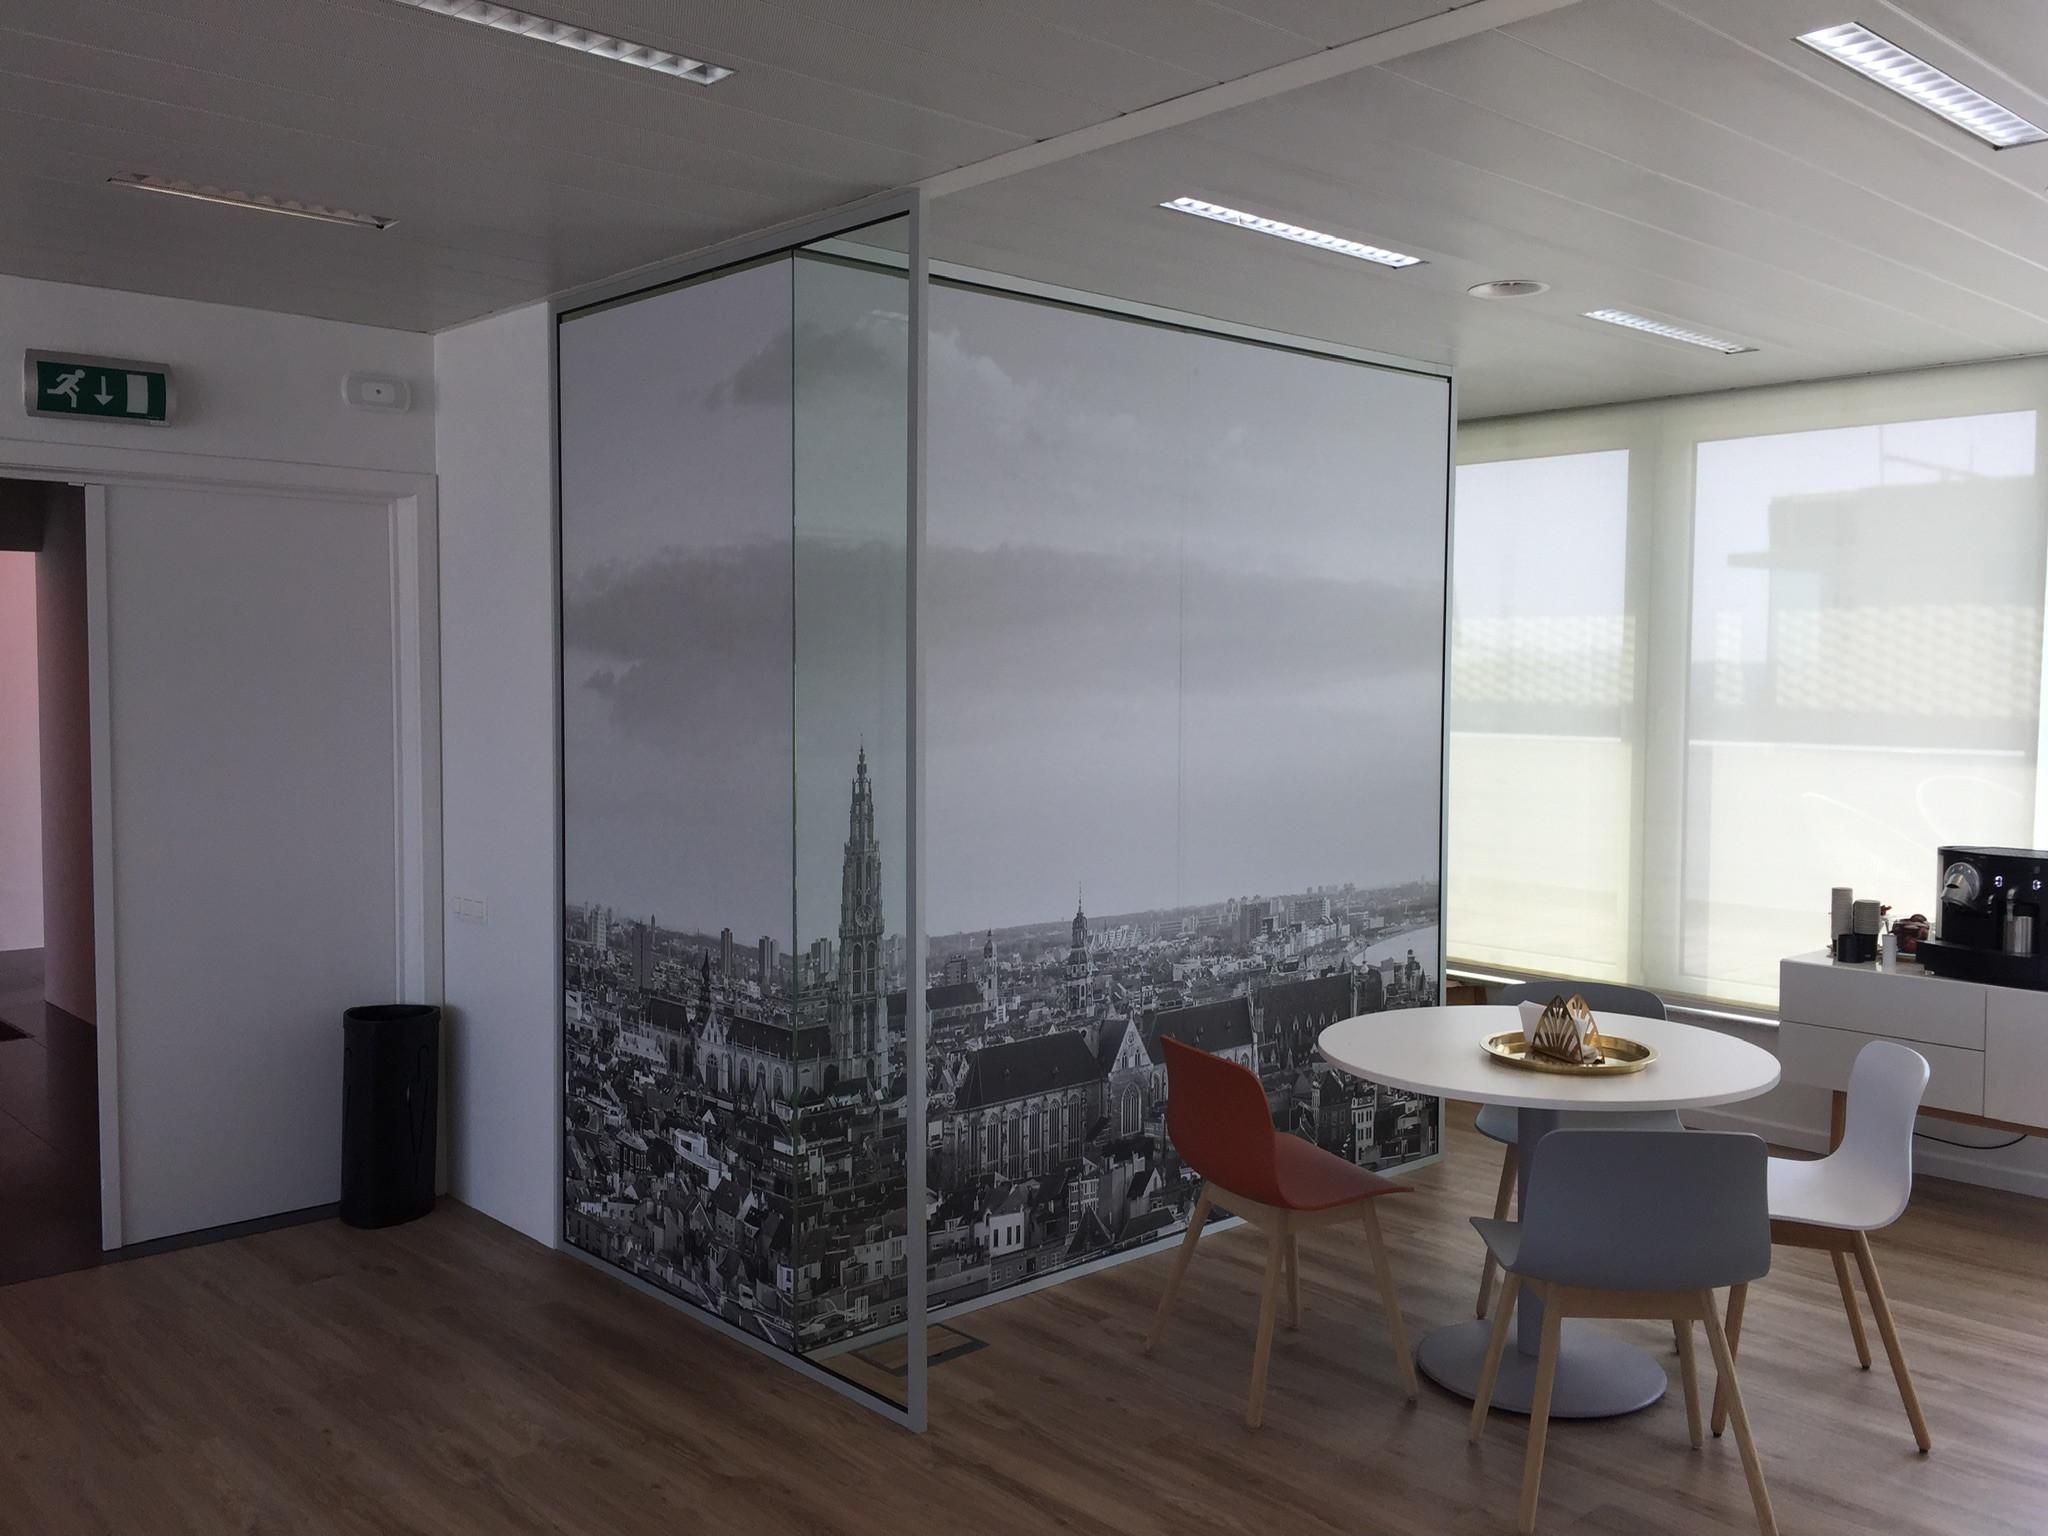 31_Zandstraalfolie geprint_C&W Design & Build